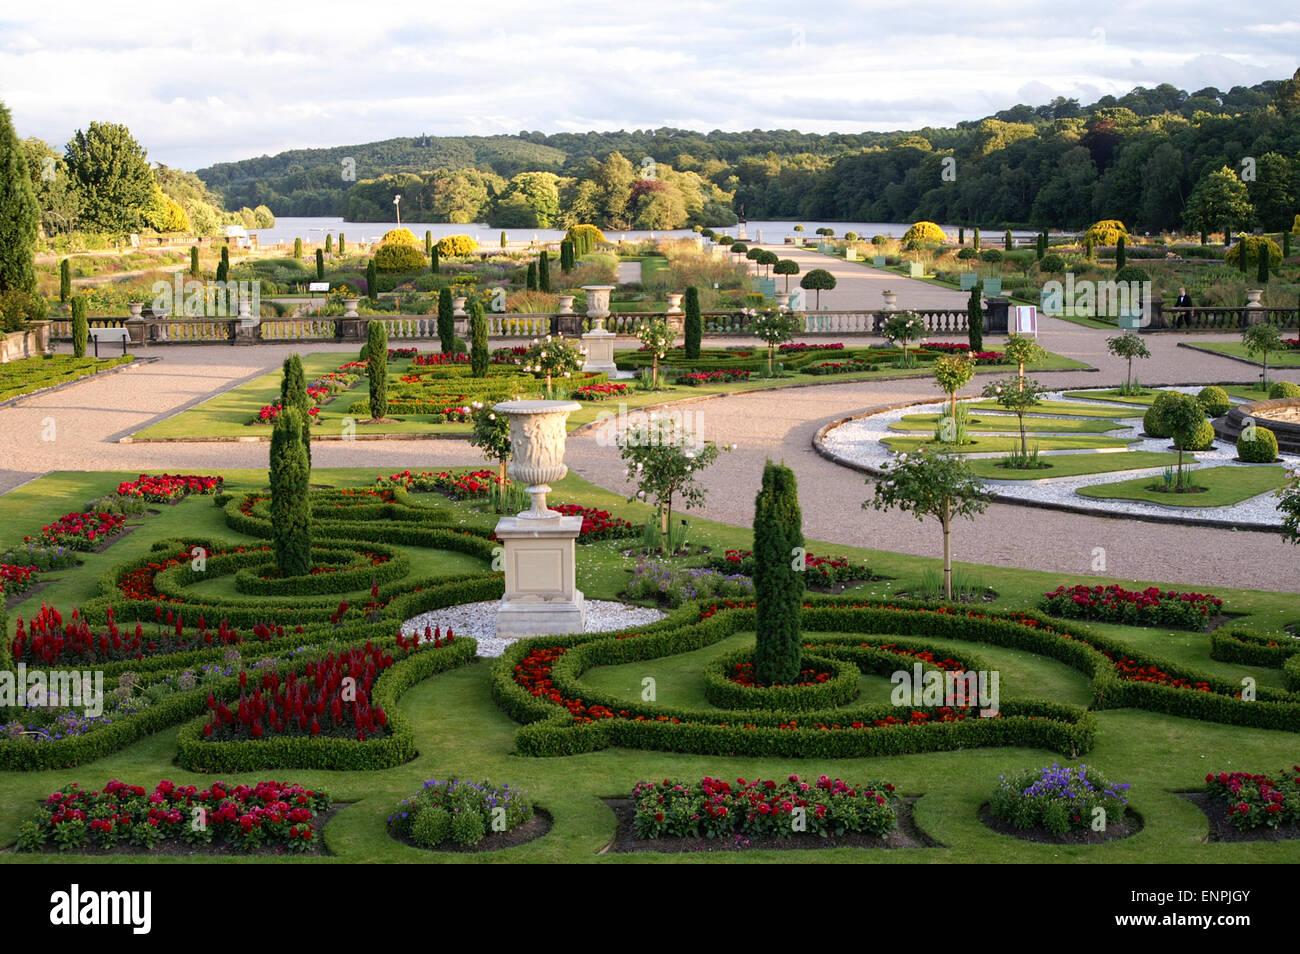 Trentham Gardens, Trentham Estate, Stoke-on-Trent, Staffordshire, UK - Stock Image